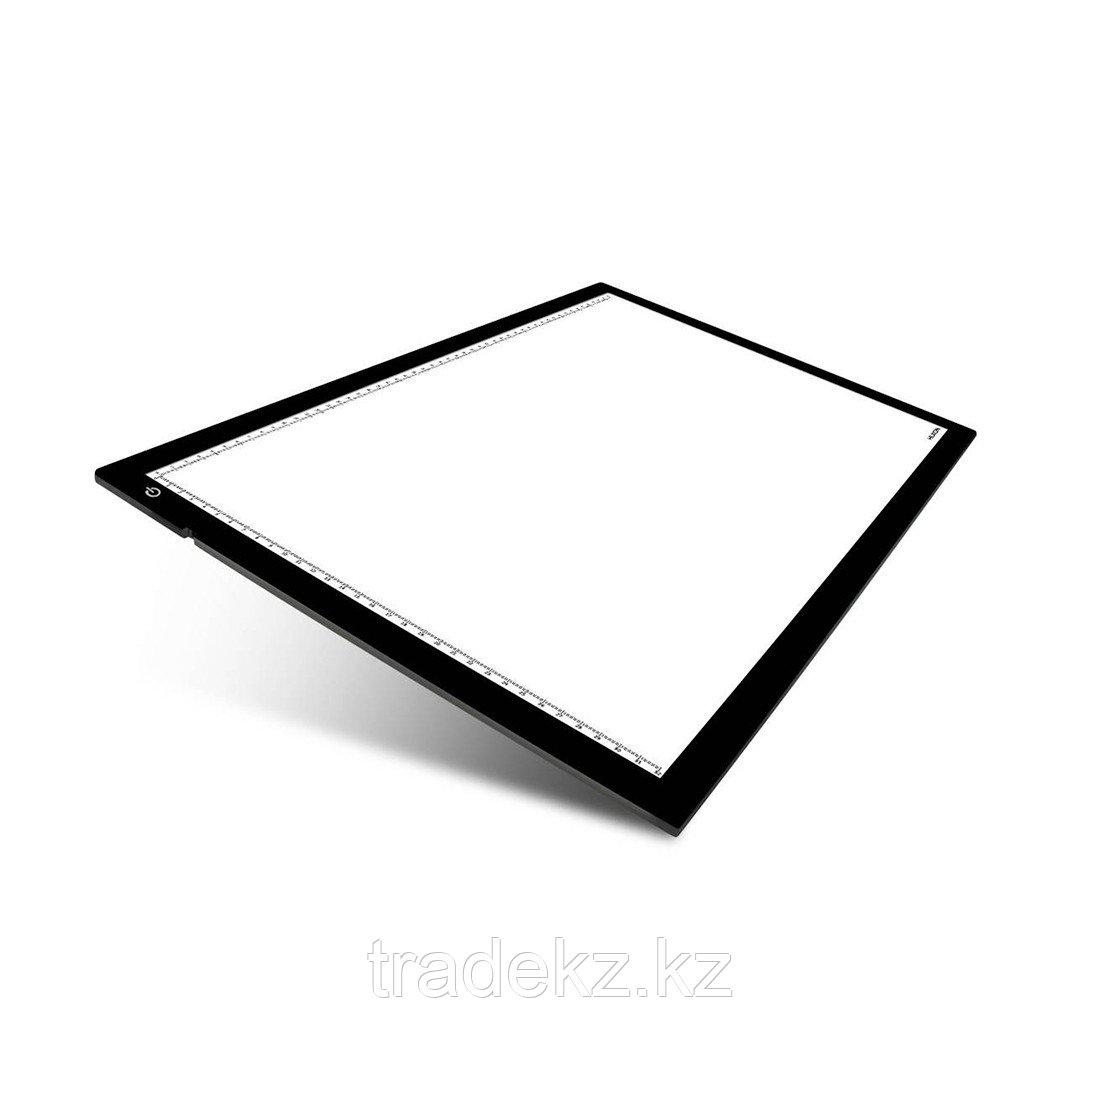 Графический планшет Huion A2